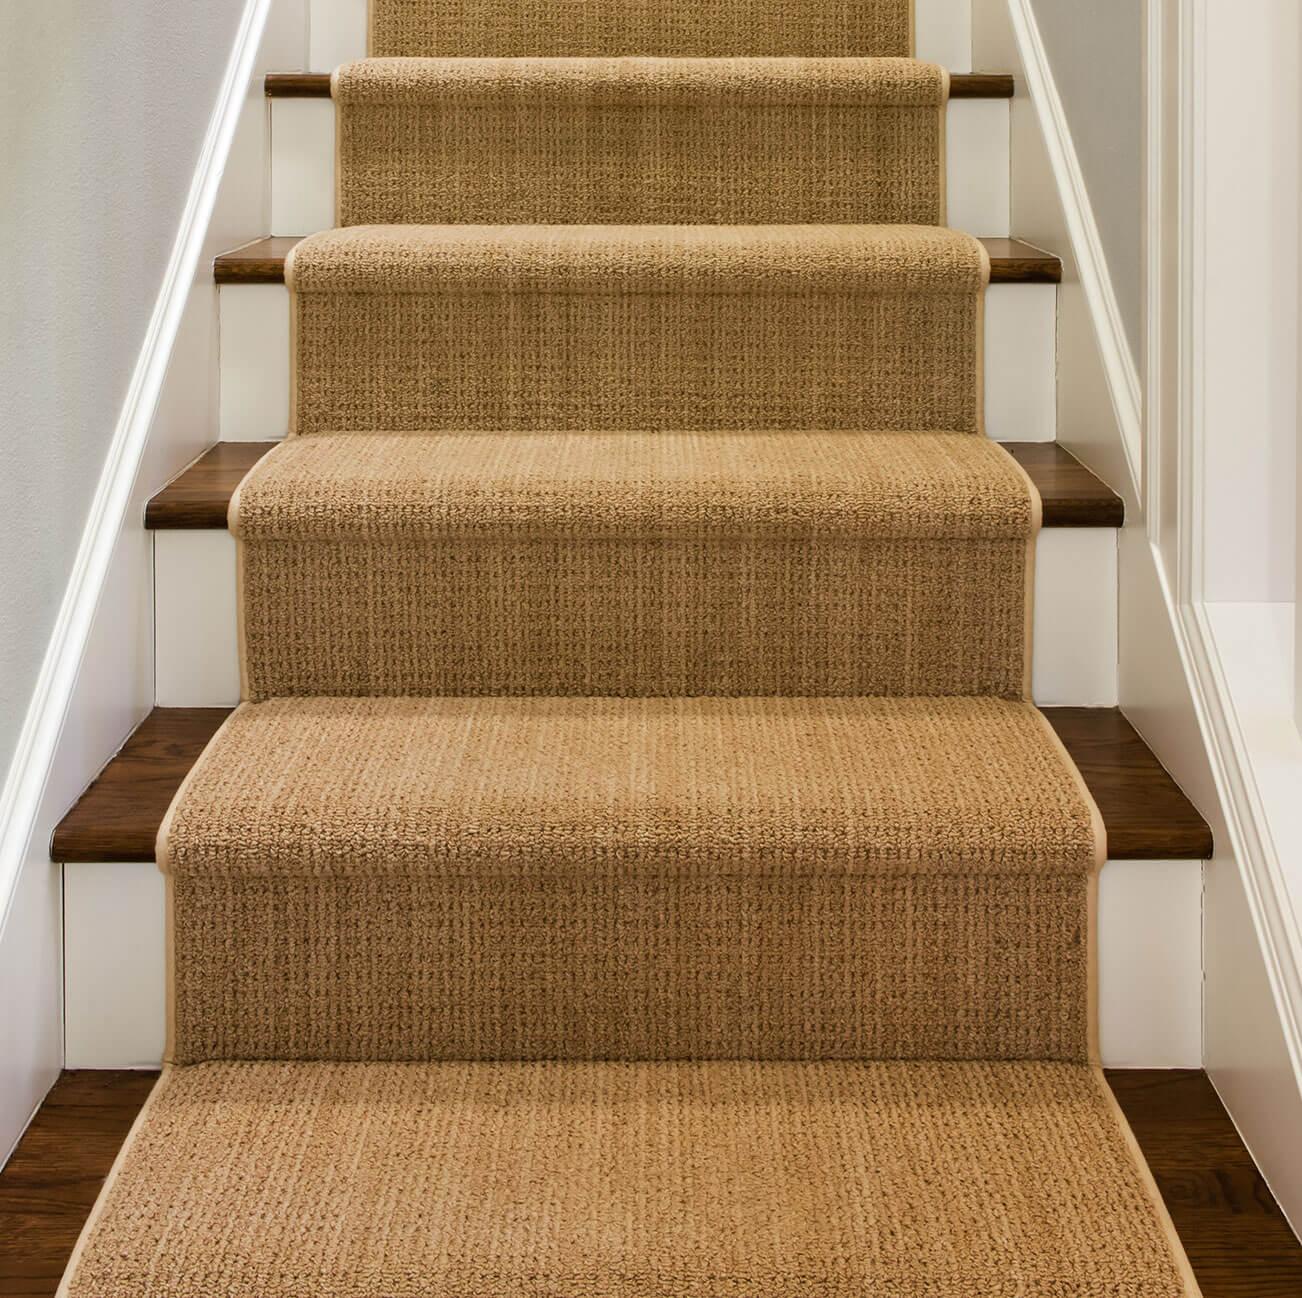 Sisal Stair Carpet Runner Landing Striped Stair Capet